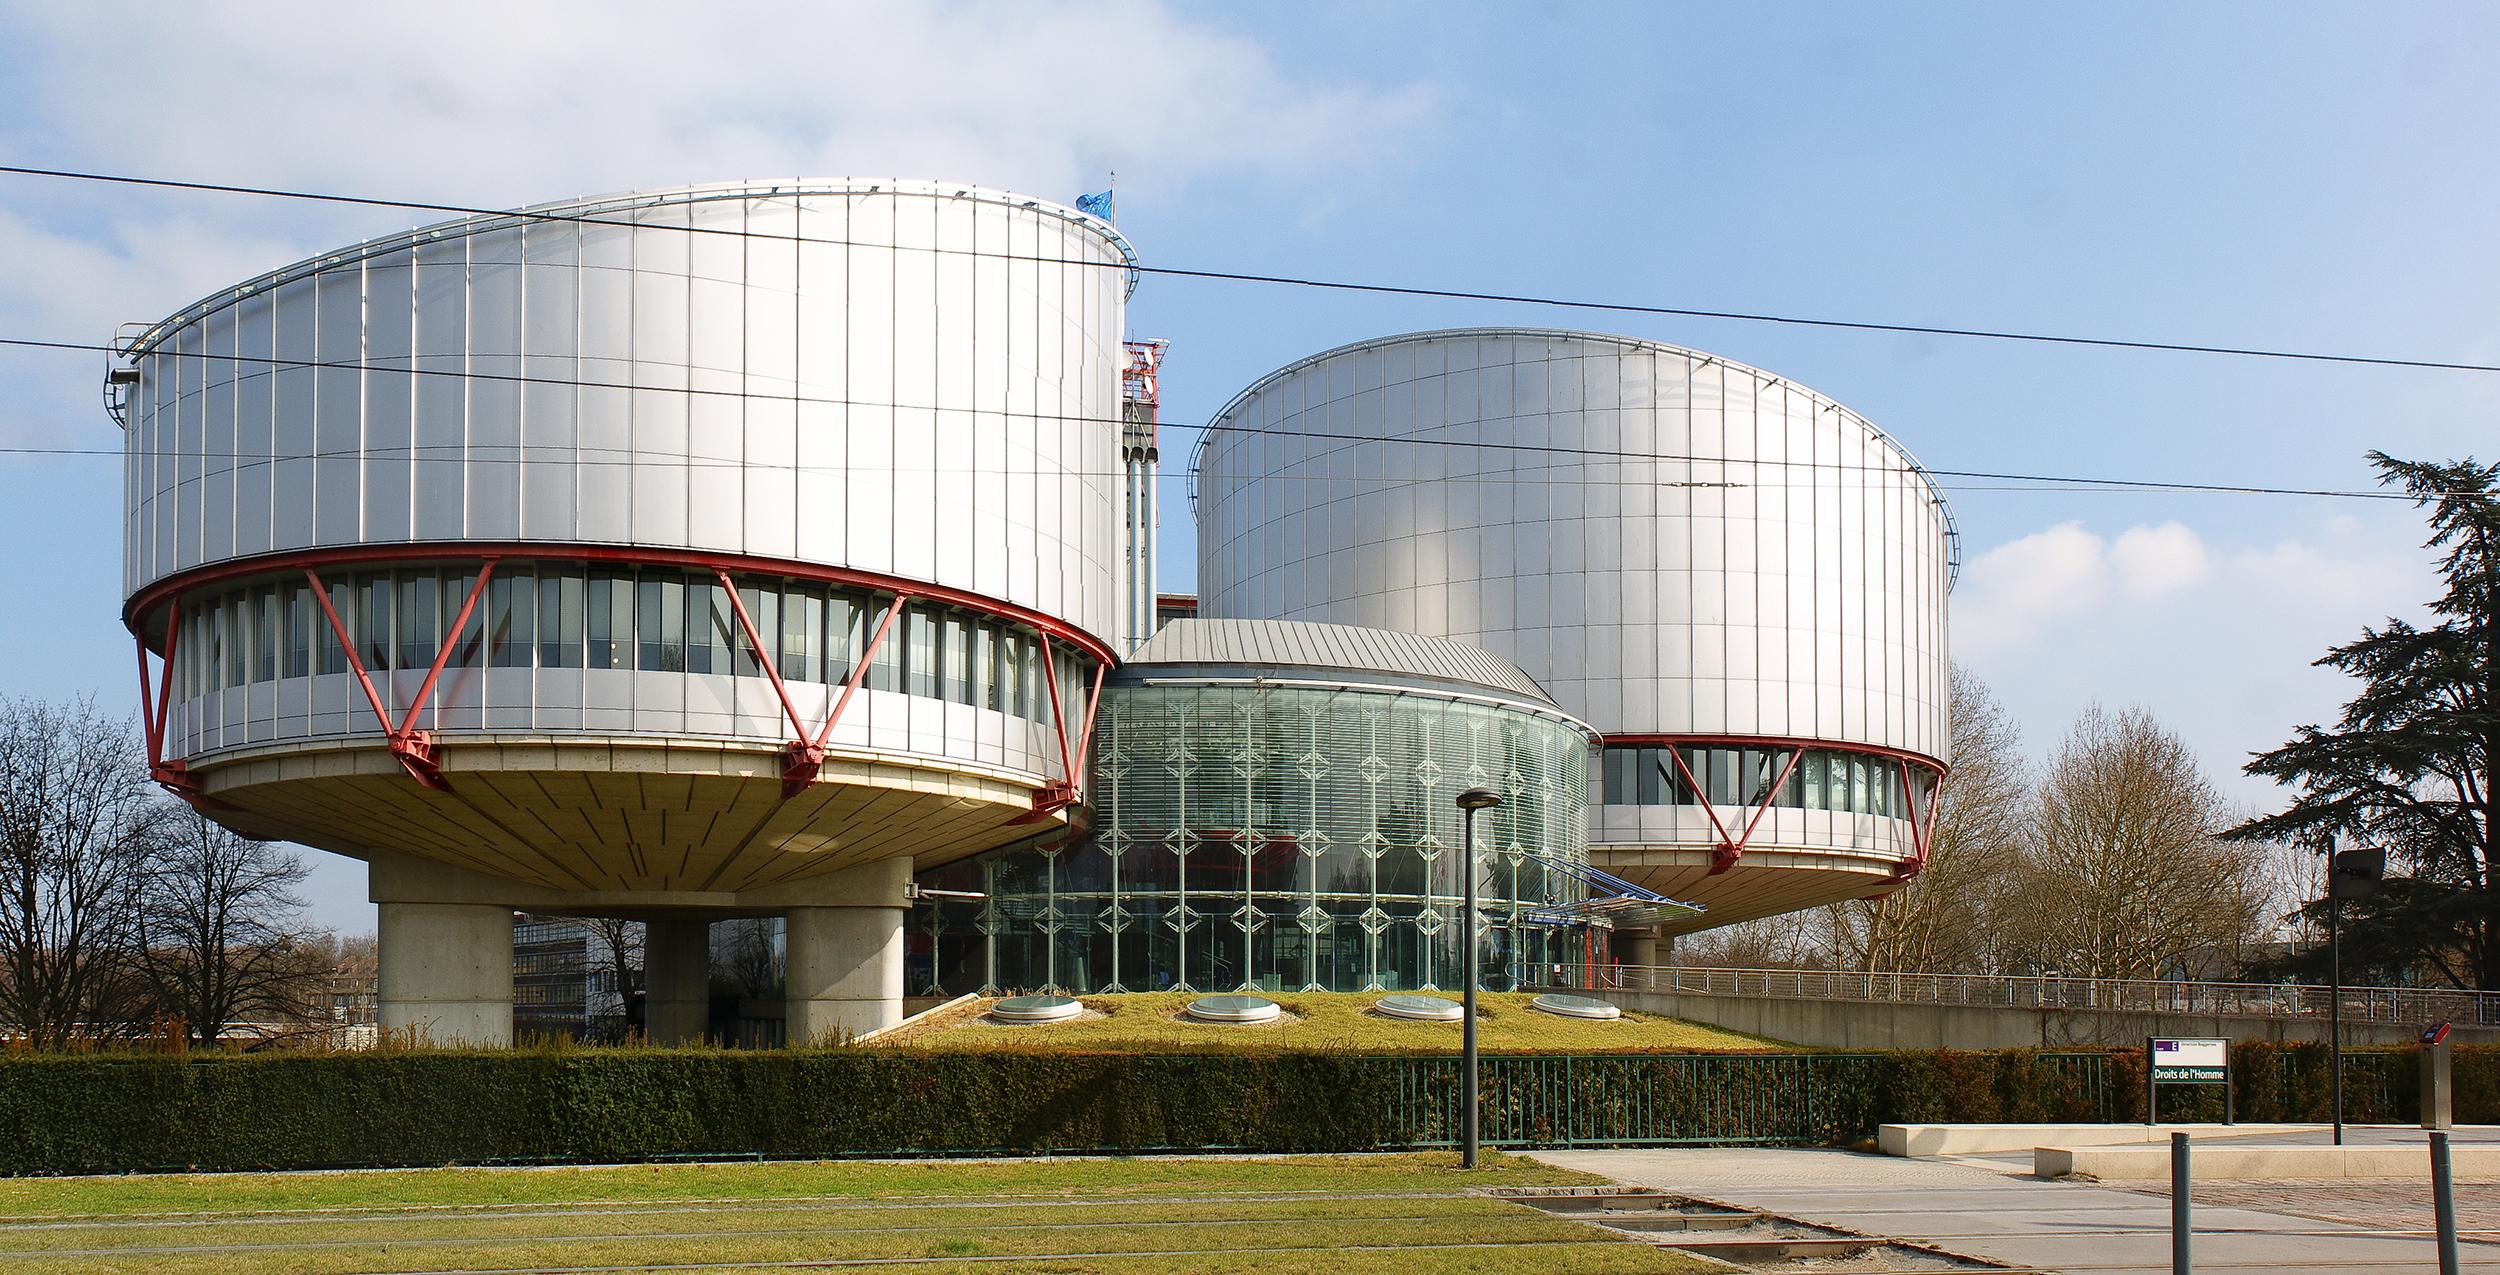 Семья из Чечни получит 12 тысяч евро компенсации от польского правительства